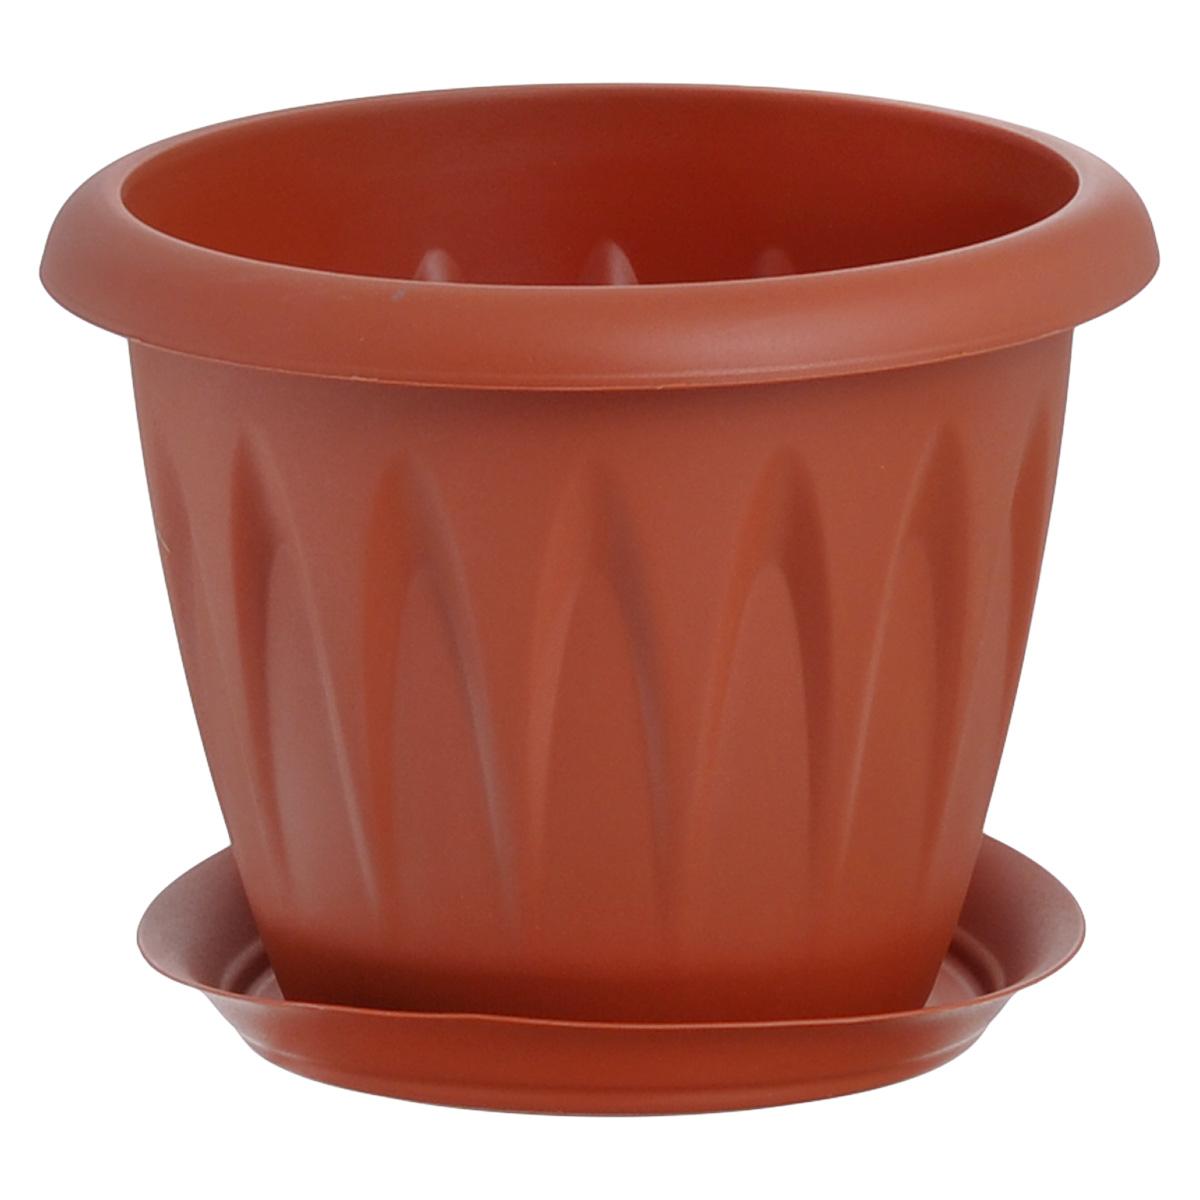 Кашпо Idea Алиция, с поддоном, цвет: терракотовый, 600 млPANTERA SPX-2RSКашпо Idea Алиция изготовлено из прочного полипропилена (пластика) и предназначено для выращивания растений, цветов и трав в домашних условиях. Круглый поддон обеспечивает сток воды. Такое кашпо порадует вас функциональностью, а благодаря лаконичному дизайну впишется в любой интерьер помещения. Диаметр кашпо по верхнему краю: 12 см. Высота кашпо: 9,5 см. Диаметр поддона: 9,5 см. Объем кашпо: 0,6 л.